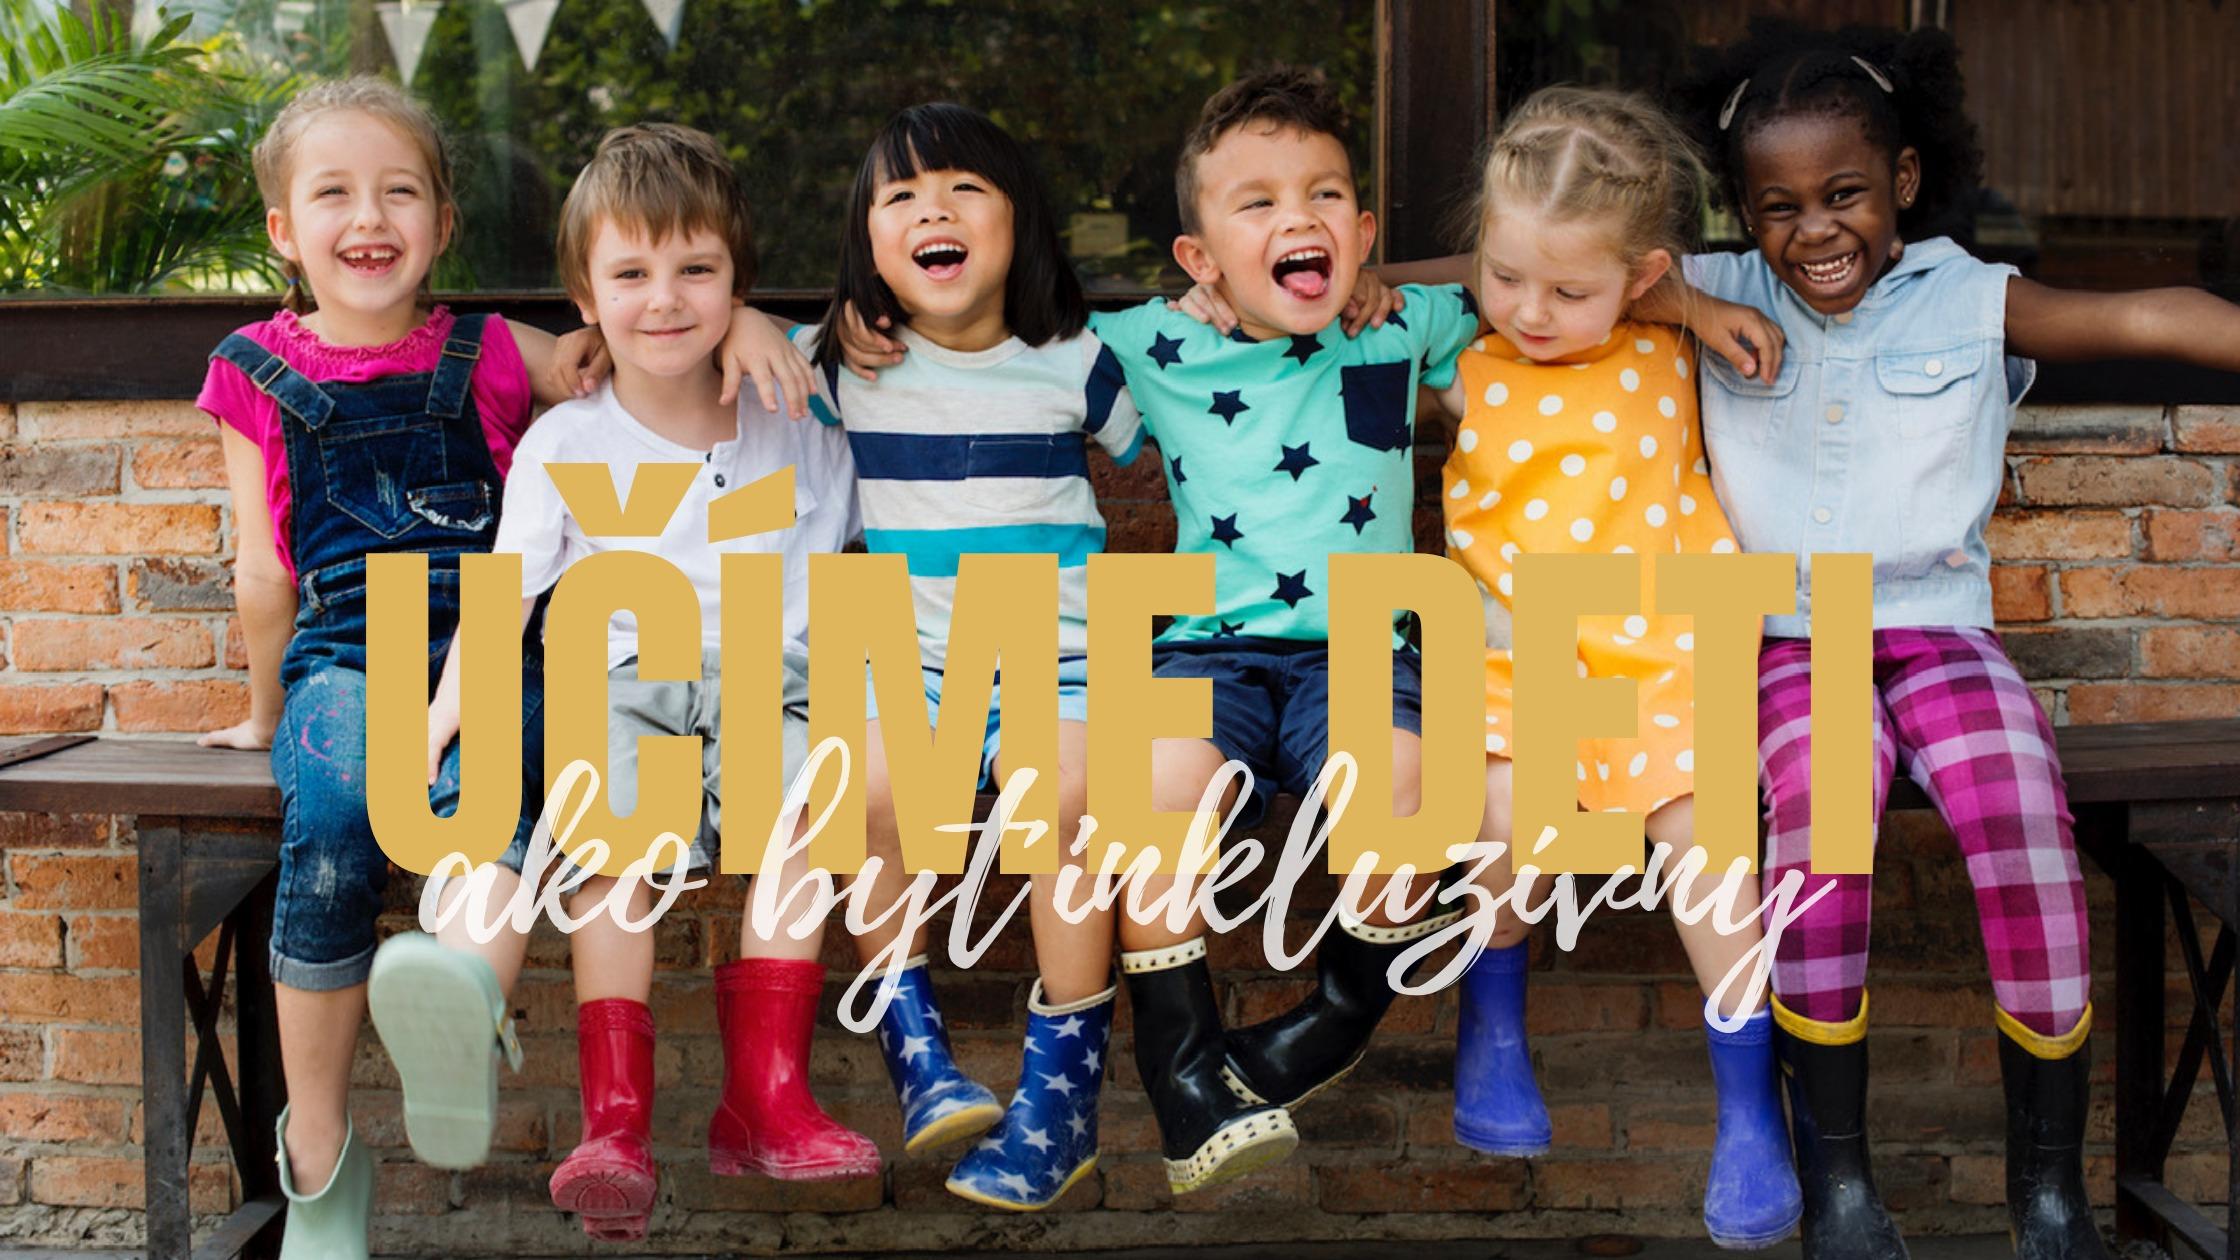 Fotka rôznorodých detí, ktoré sedia na lavičke a objímajú sa.